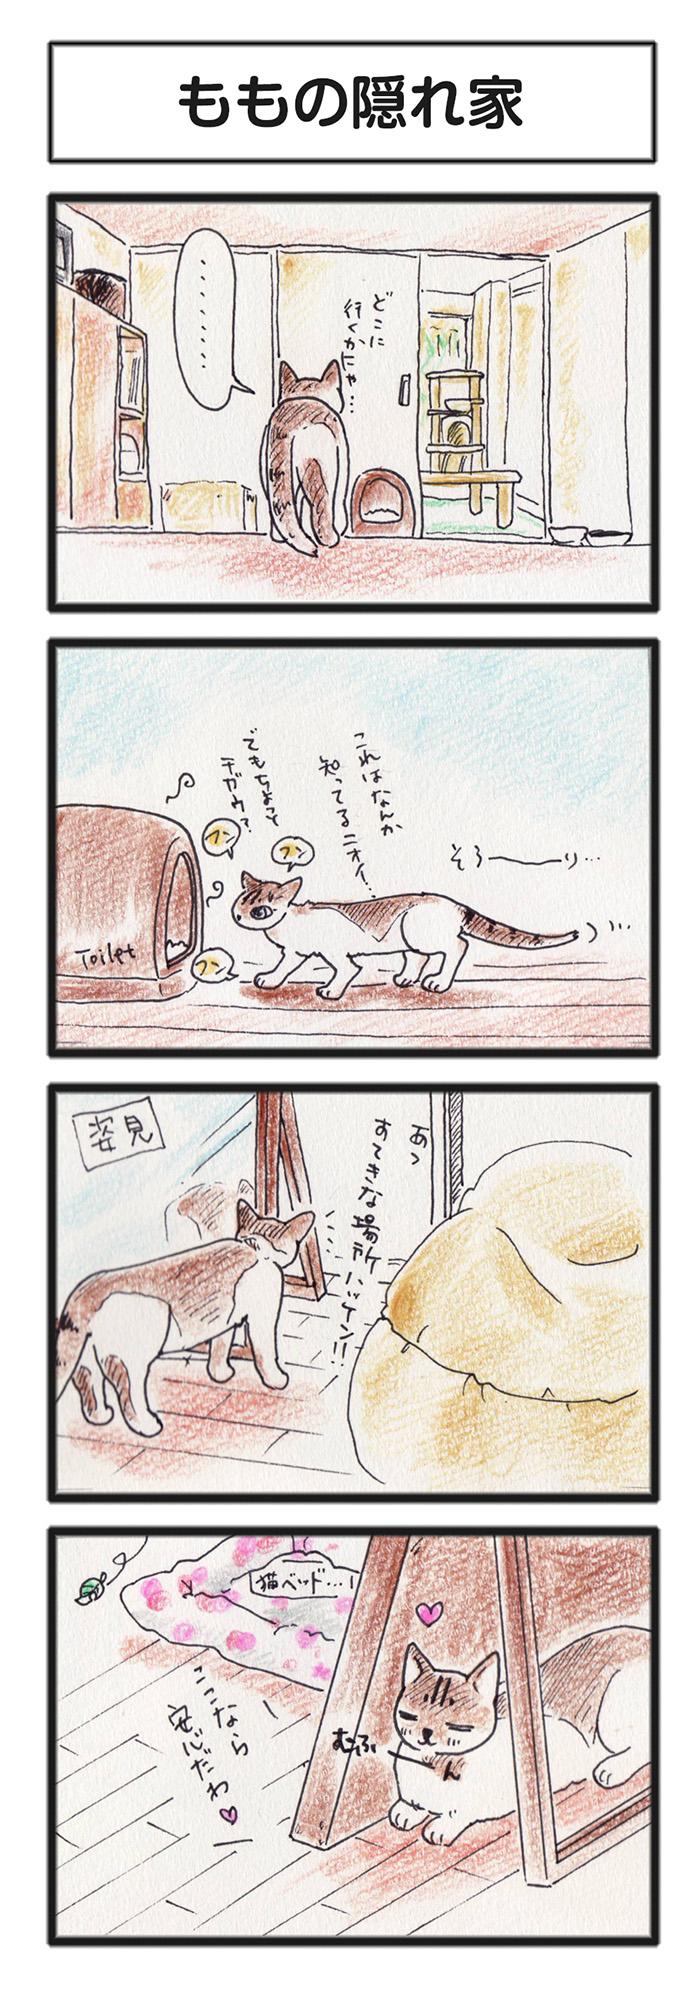 comic_4c_14100801.jpg